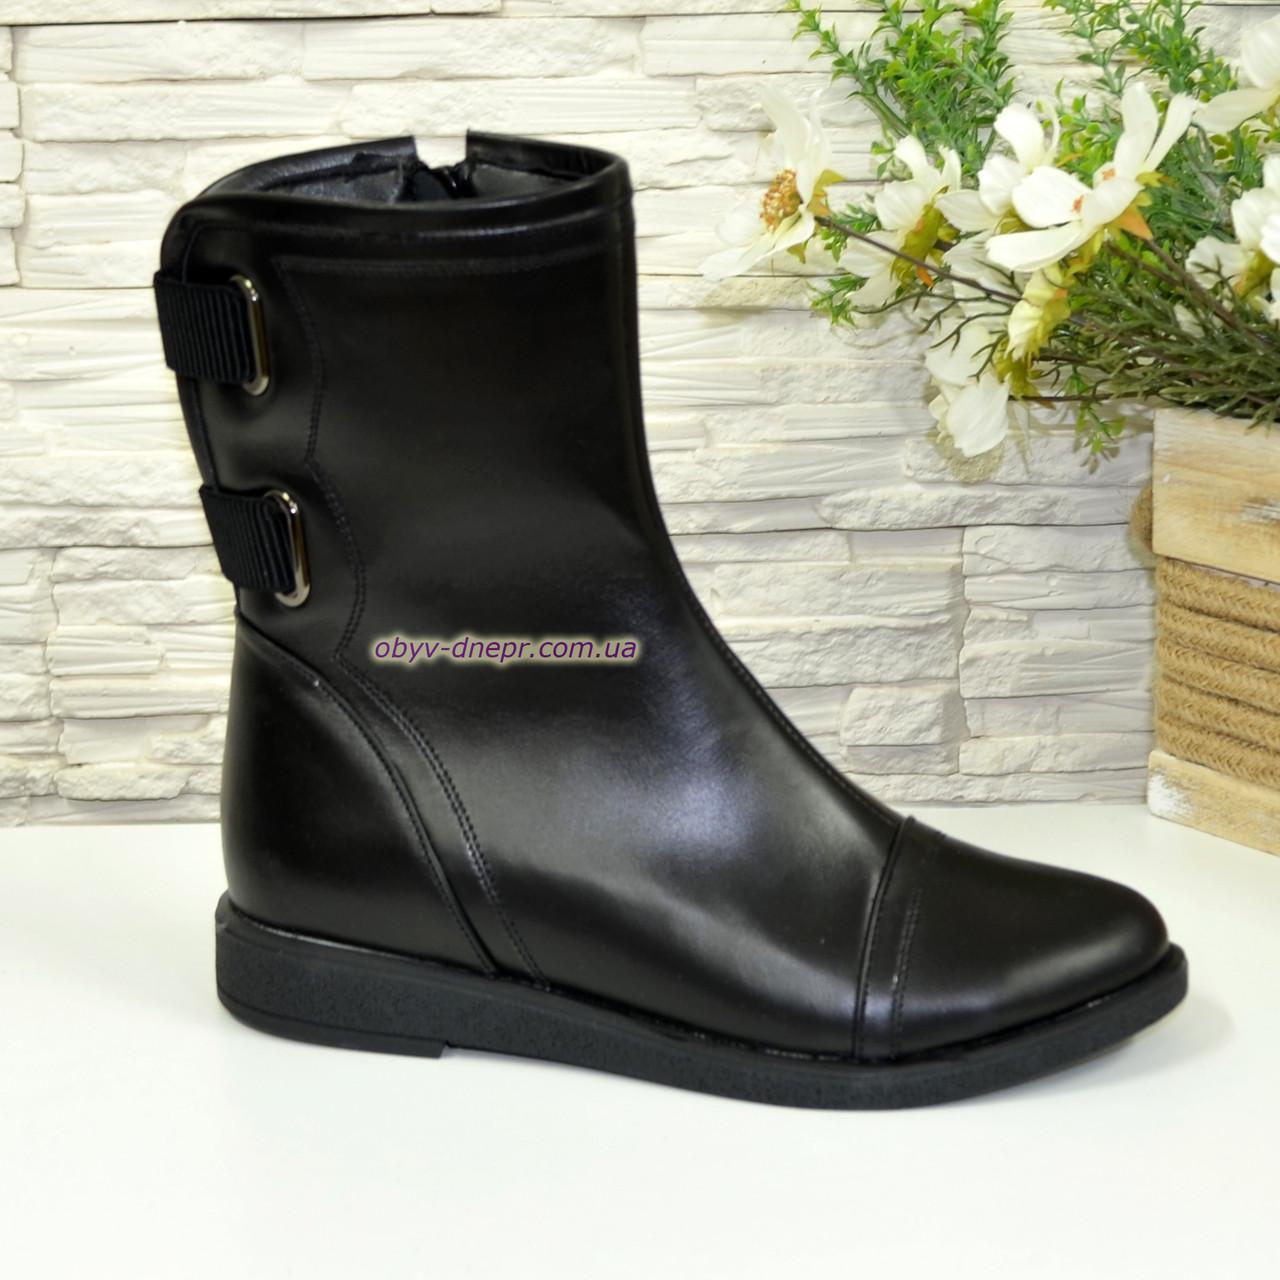 Ботинки женские демисезонные кожаные на утолщенной подошве, черного цвета.